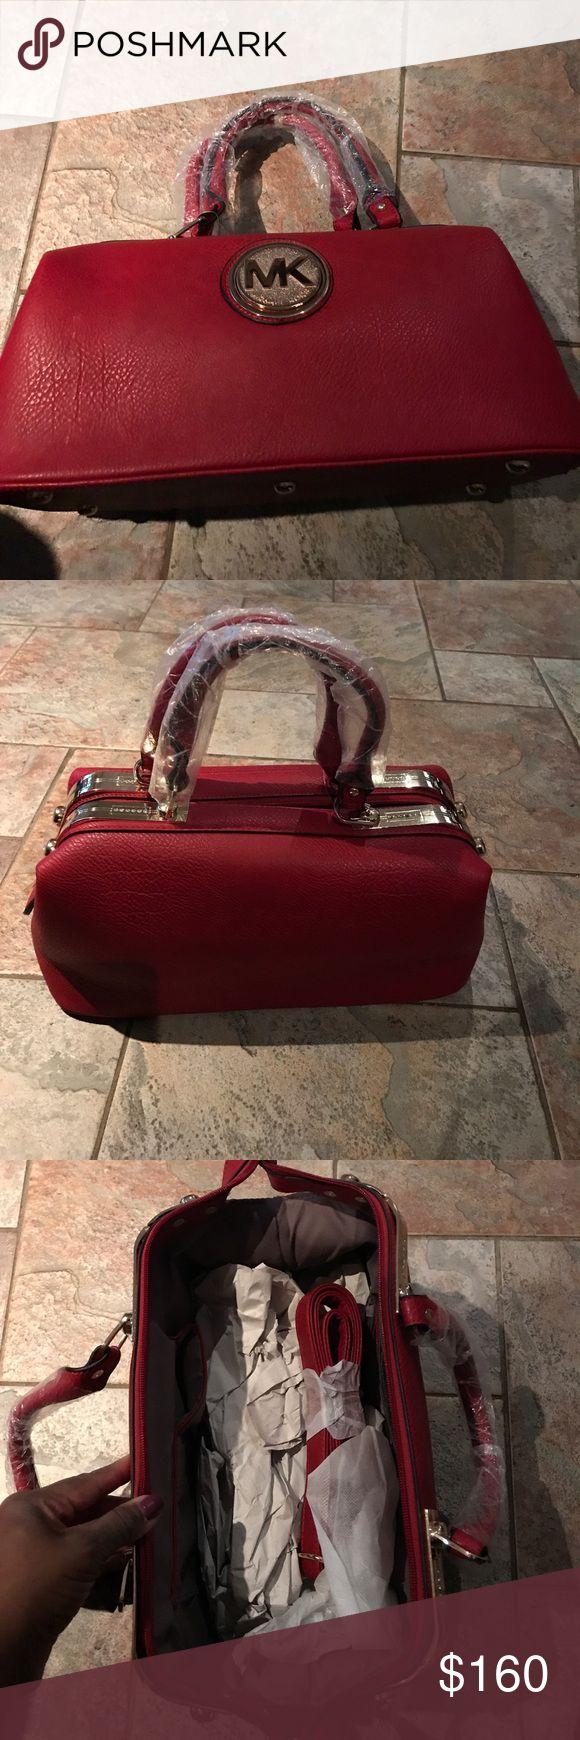 Michael Kors Red Handbag -NWOT Brand new Michael Kors red handbag. Michael Kors Bags